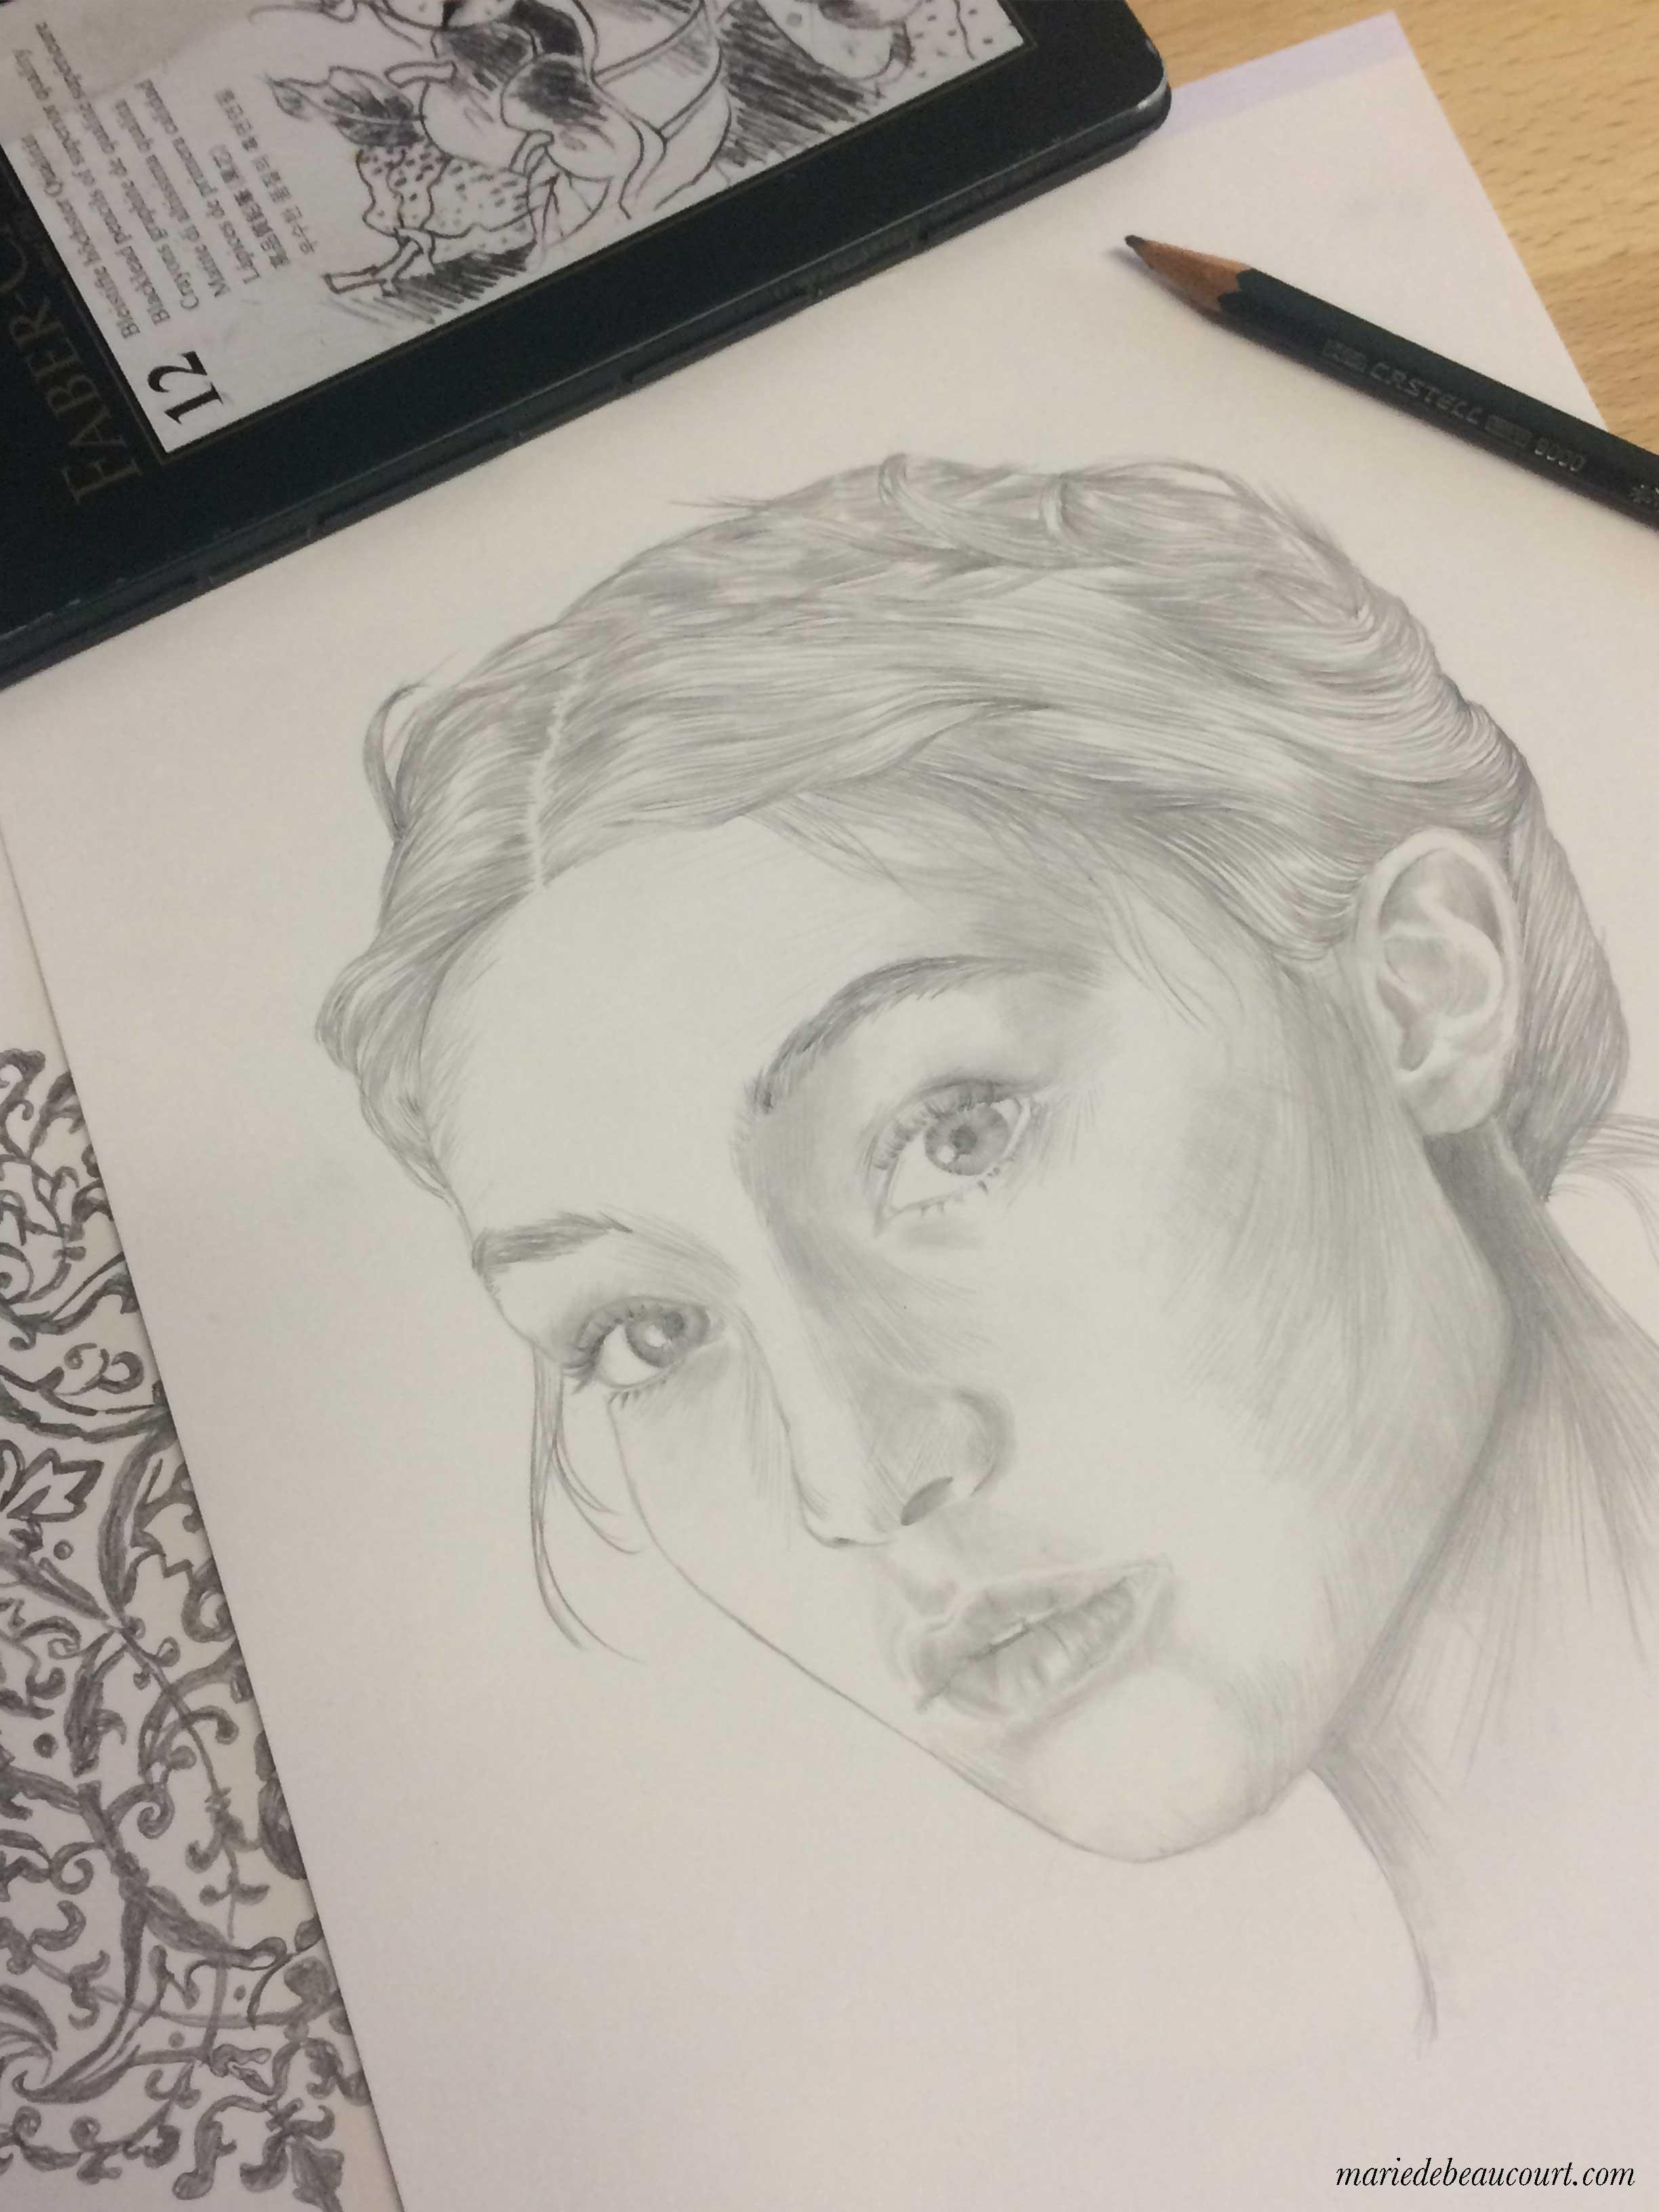 marie-de-beaucourt-portraits-hadid-work-in-progress3.jpg